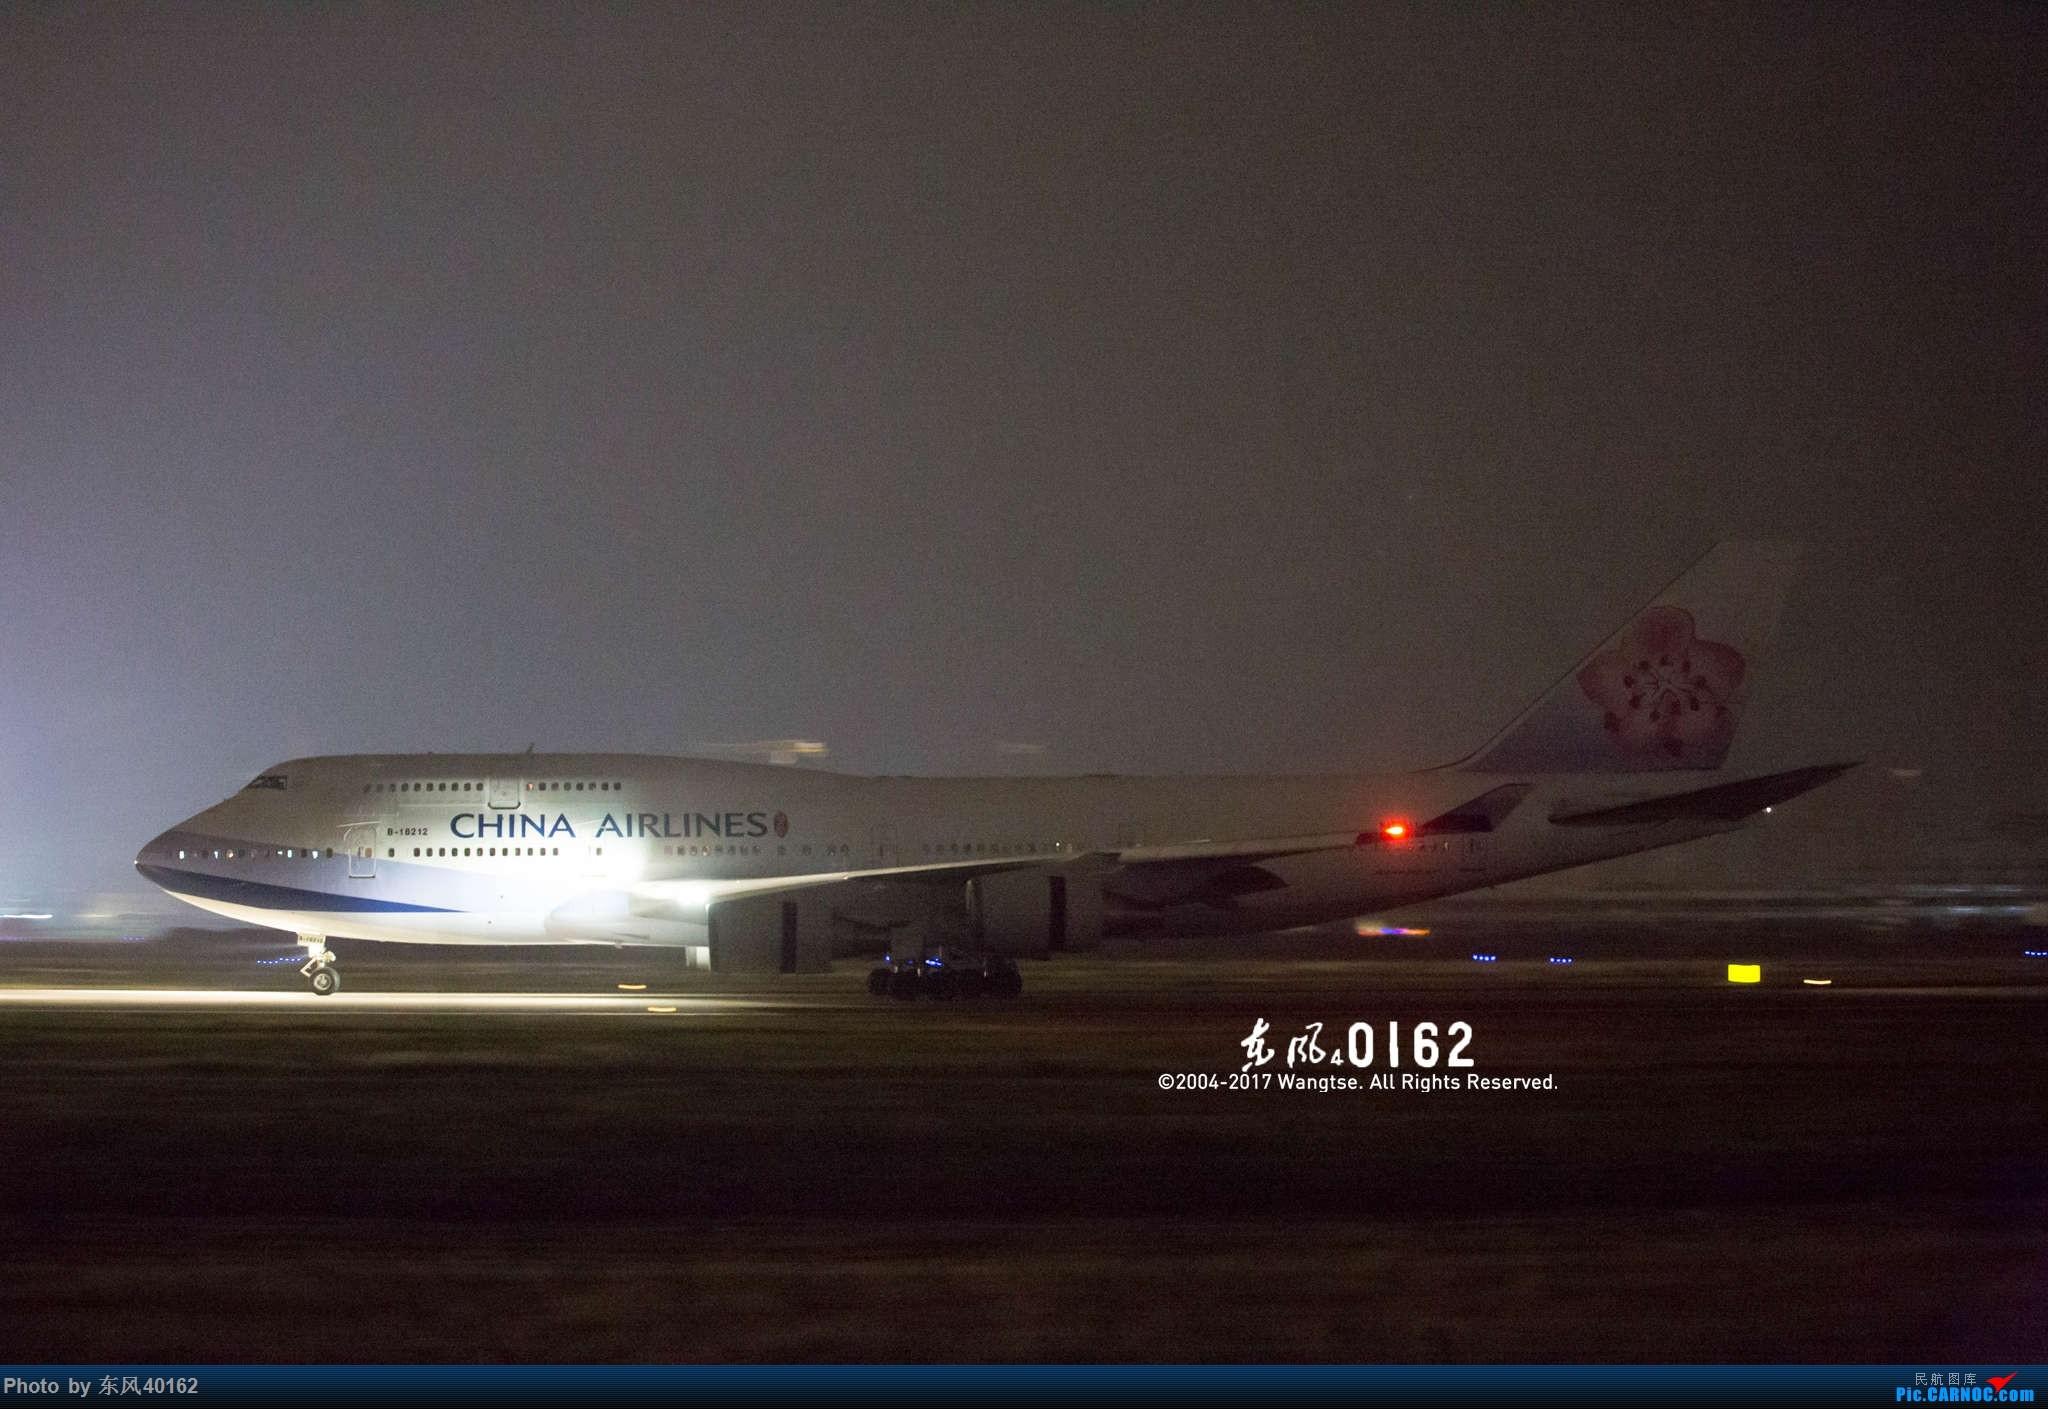 Re:[原创][宁波栎社] B-18212 BOEING 747-400 B-18212 中国宁波栎社国际机场